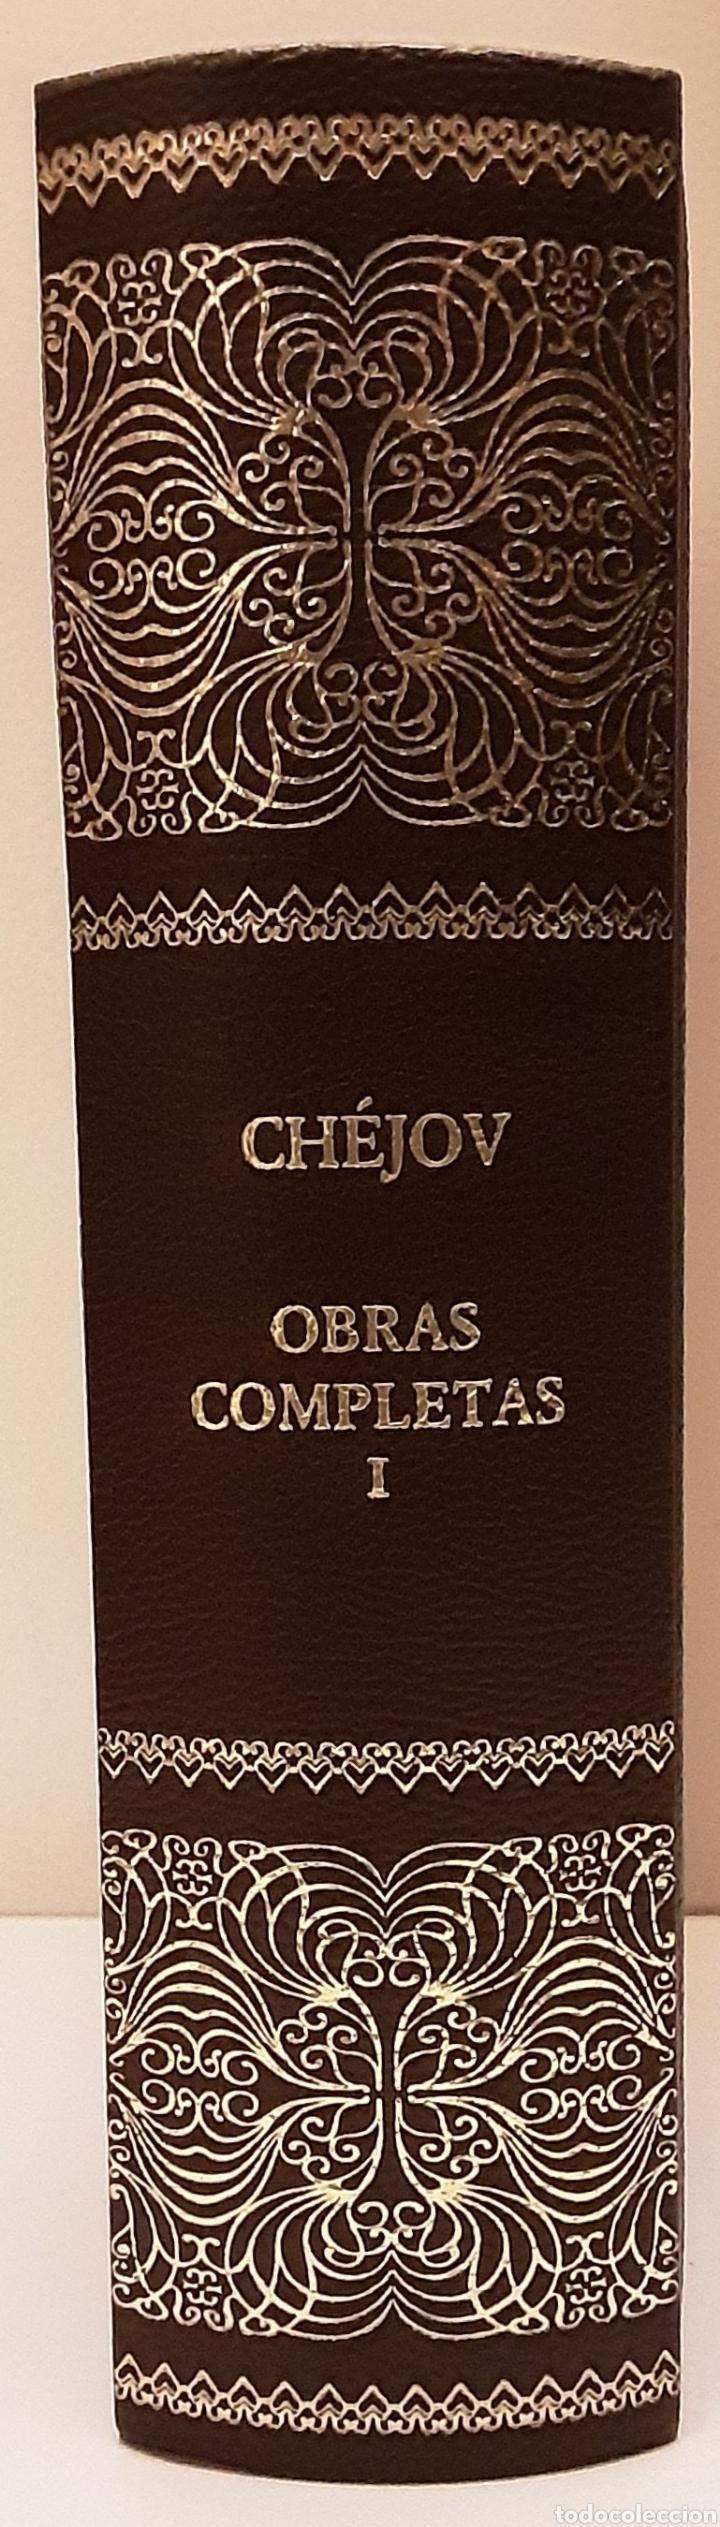 CHEJOV, ANTÓN P. OBRAS COMPLETAS. TEATRO, TOMO I. CONTIENE ESTUDIO PRELIMINAR. RBA, 2005 (Libros de Segunda Mano (posteriores a 1936) - Literatura - Teatro)